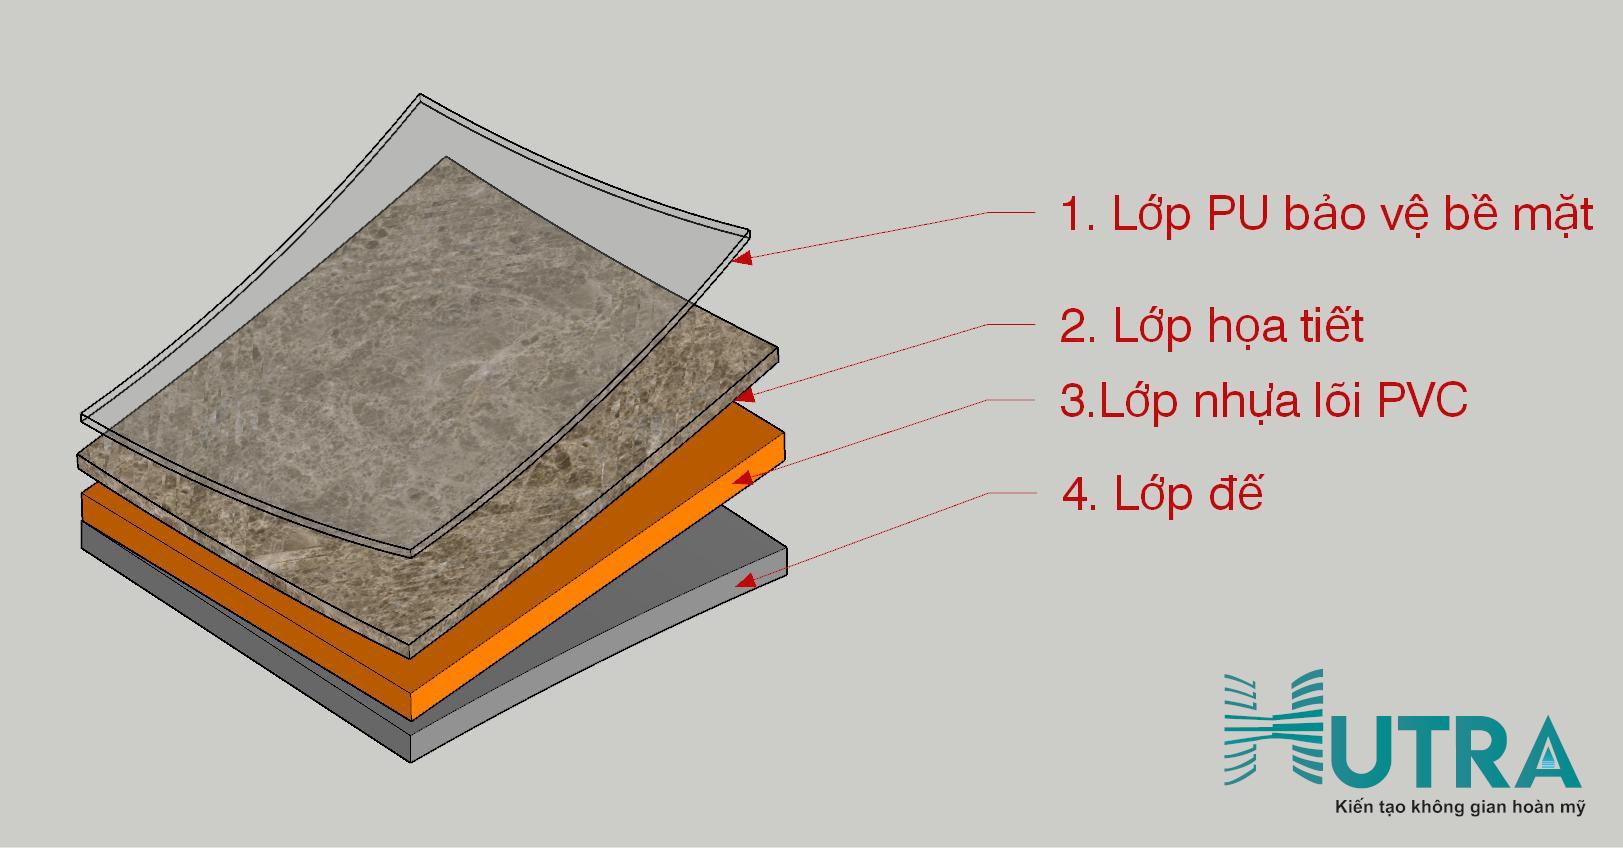 Cấu tạo 4 lớp tấm ốp tường pvc